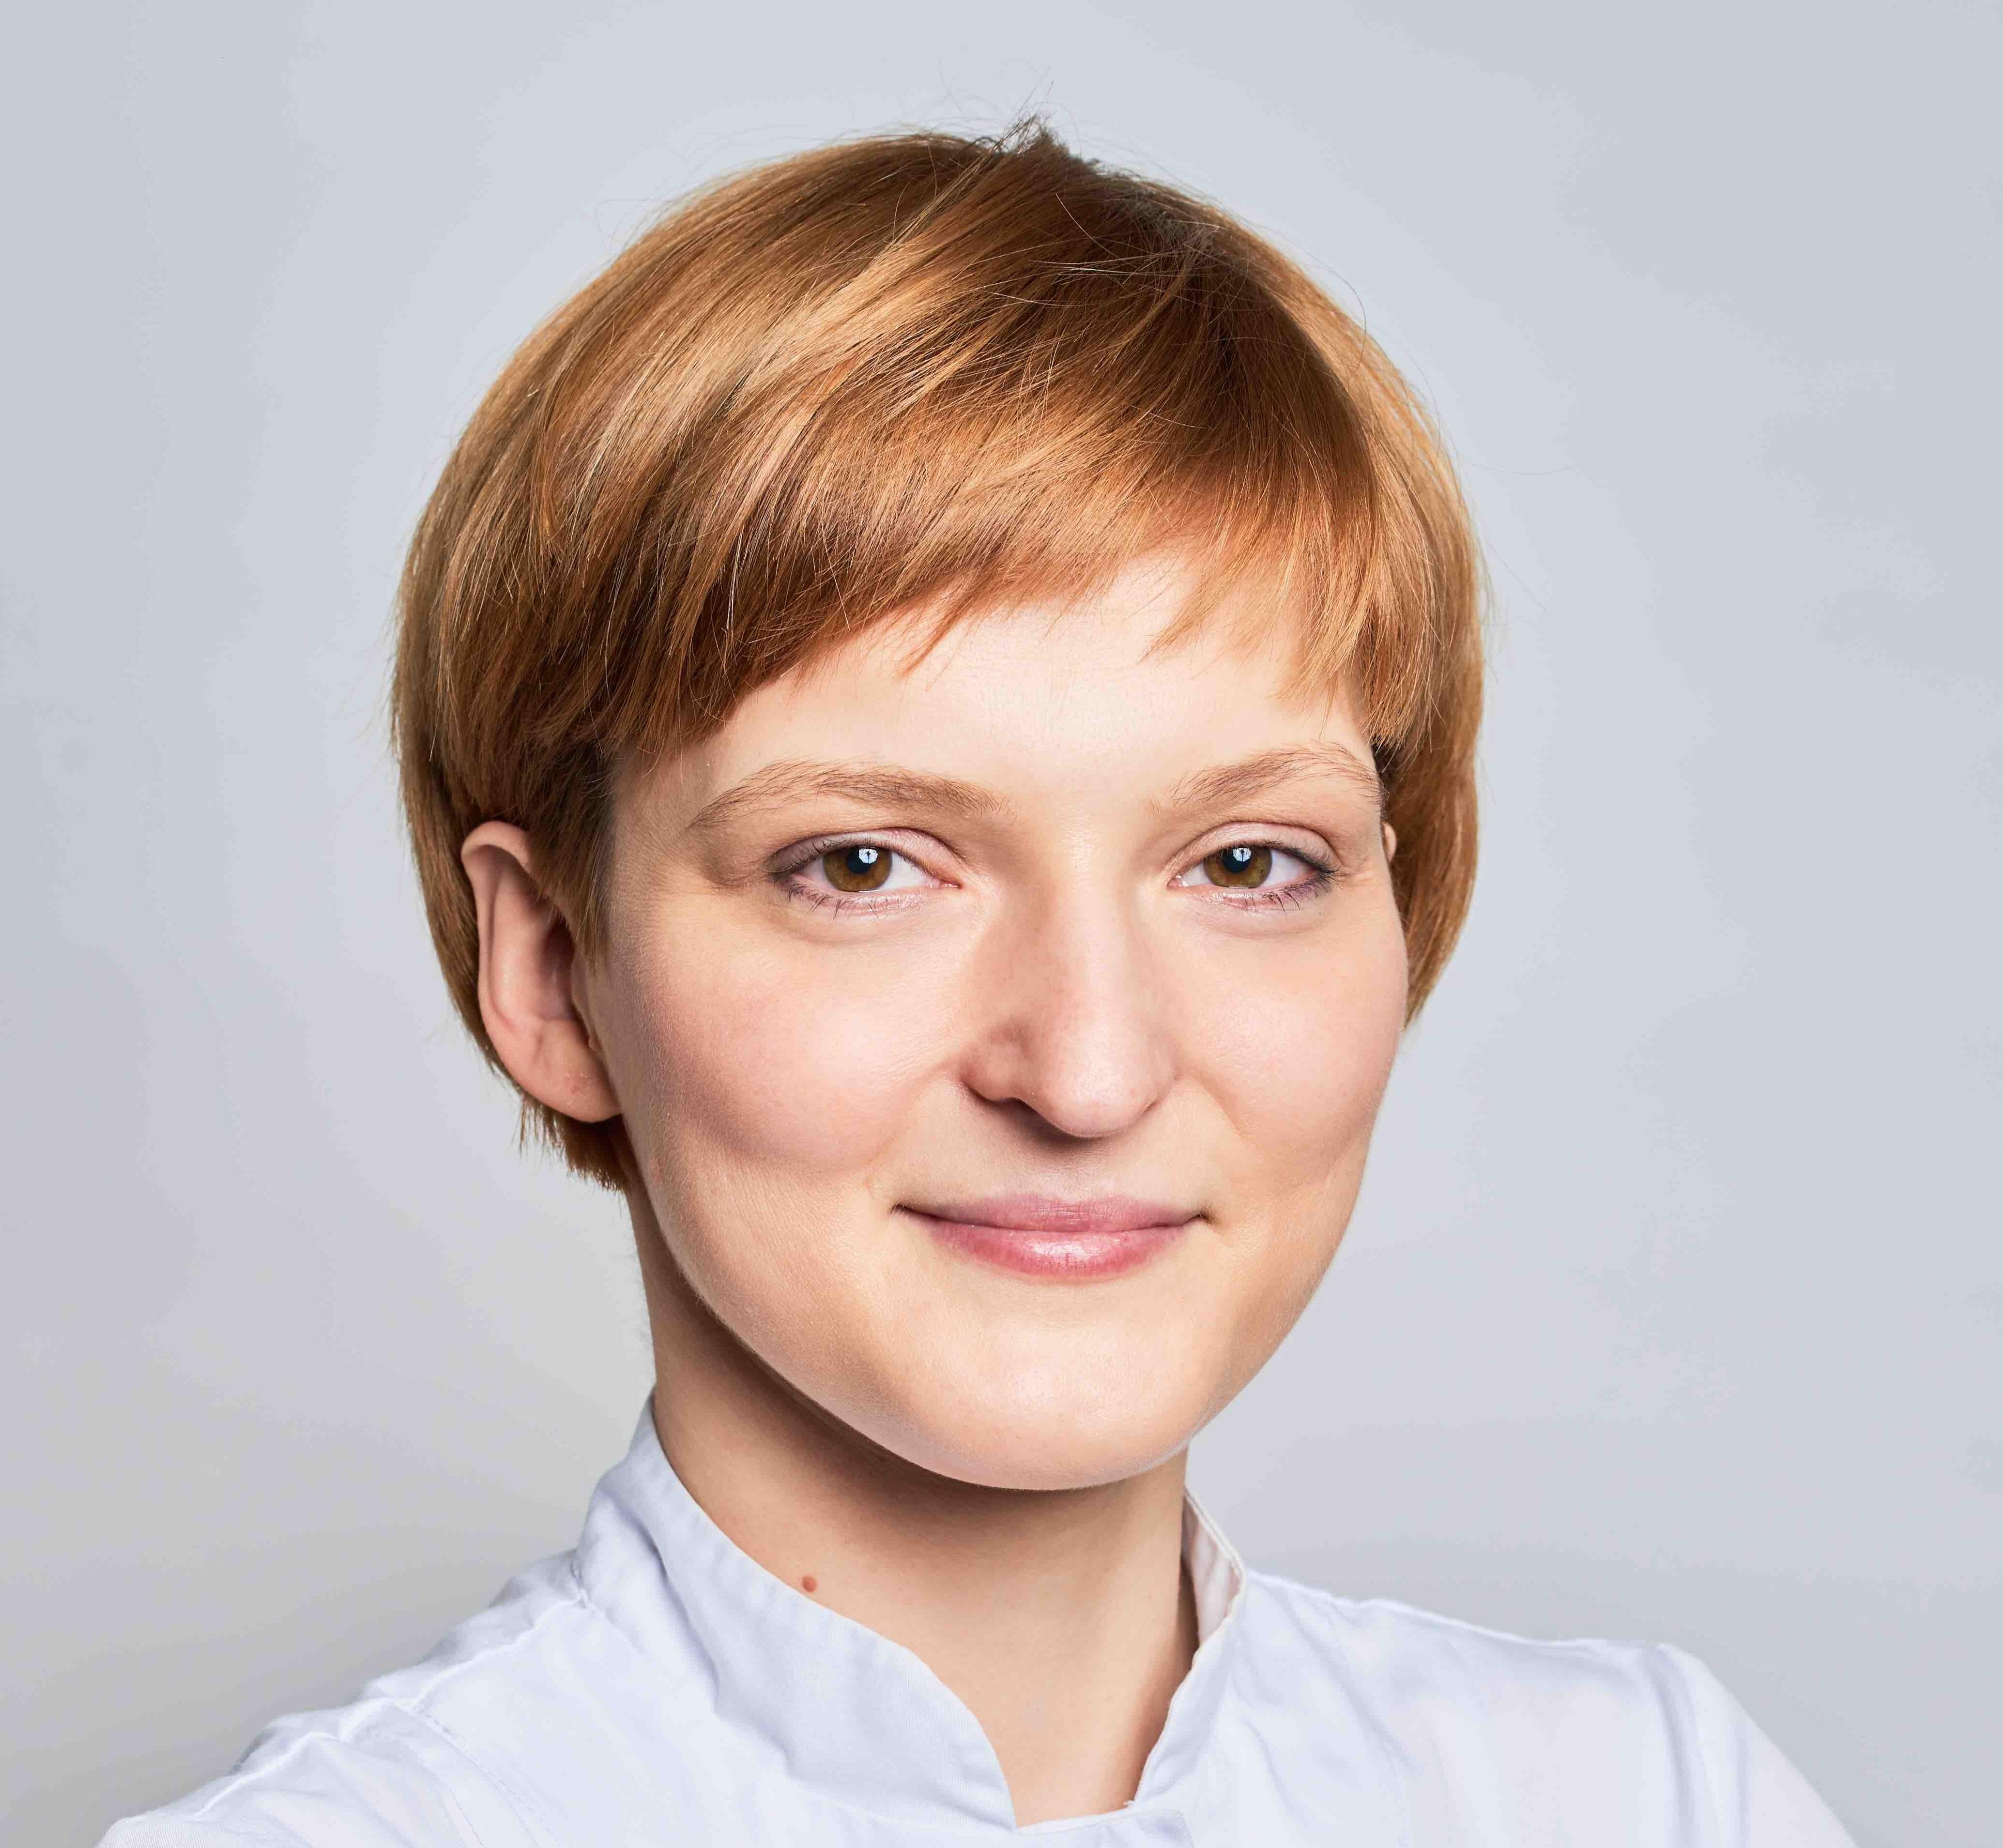 Lek. dent. Karolina Michalska-Bałaga